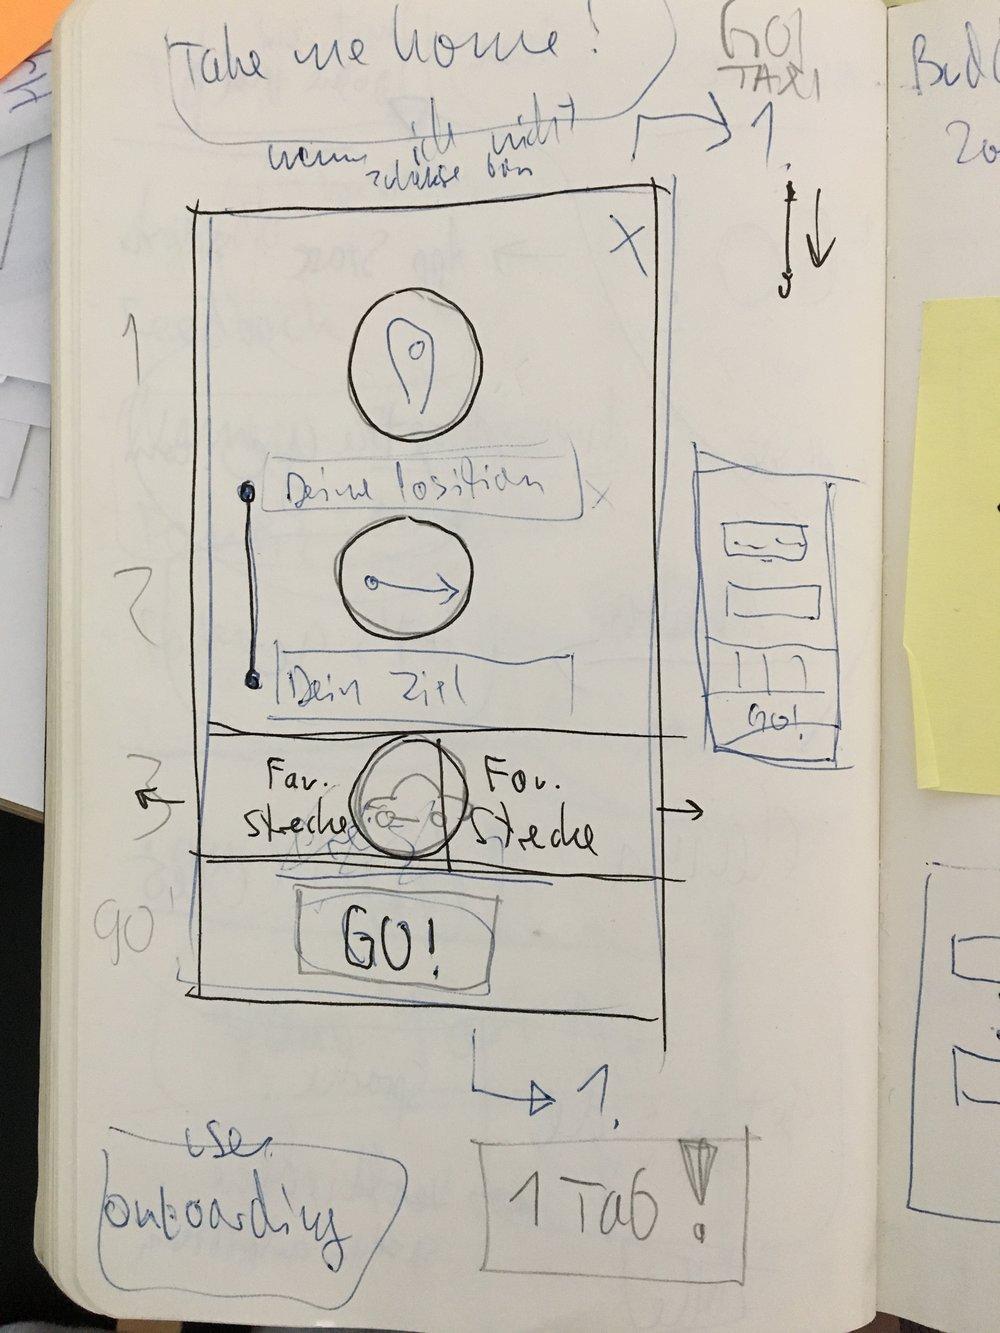 Eine frühe Skizze des gewählten Designkonzeptes.